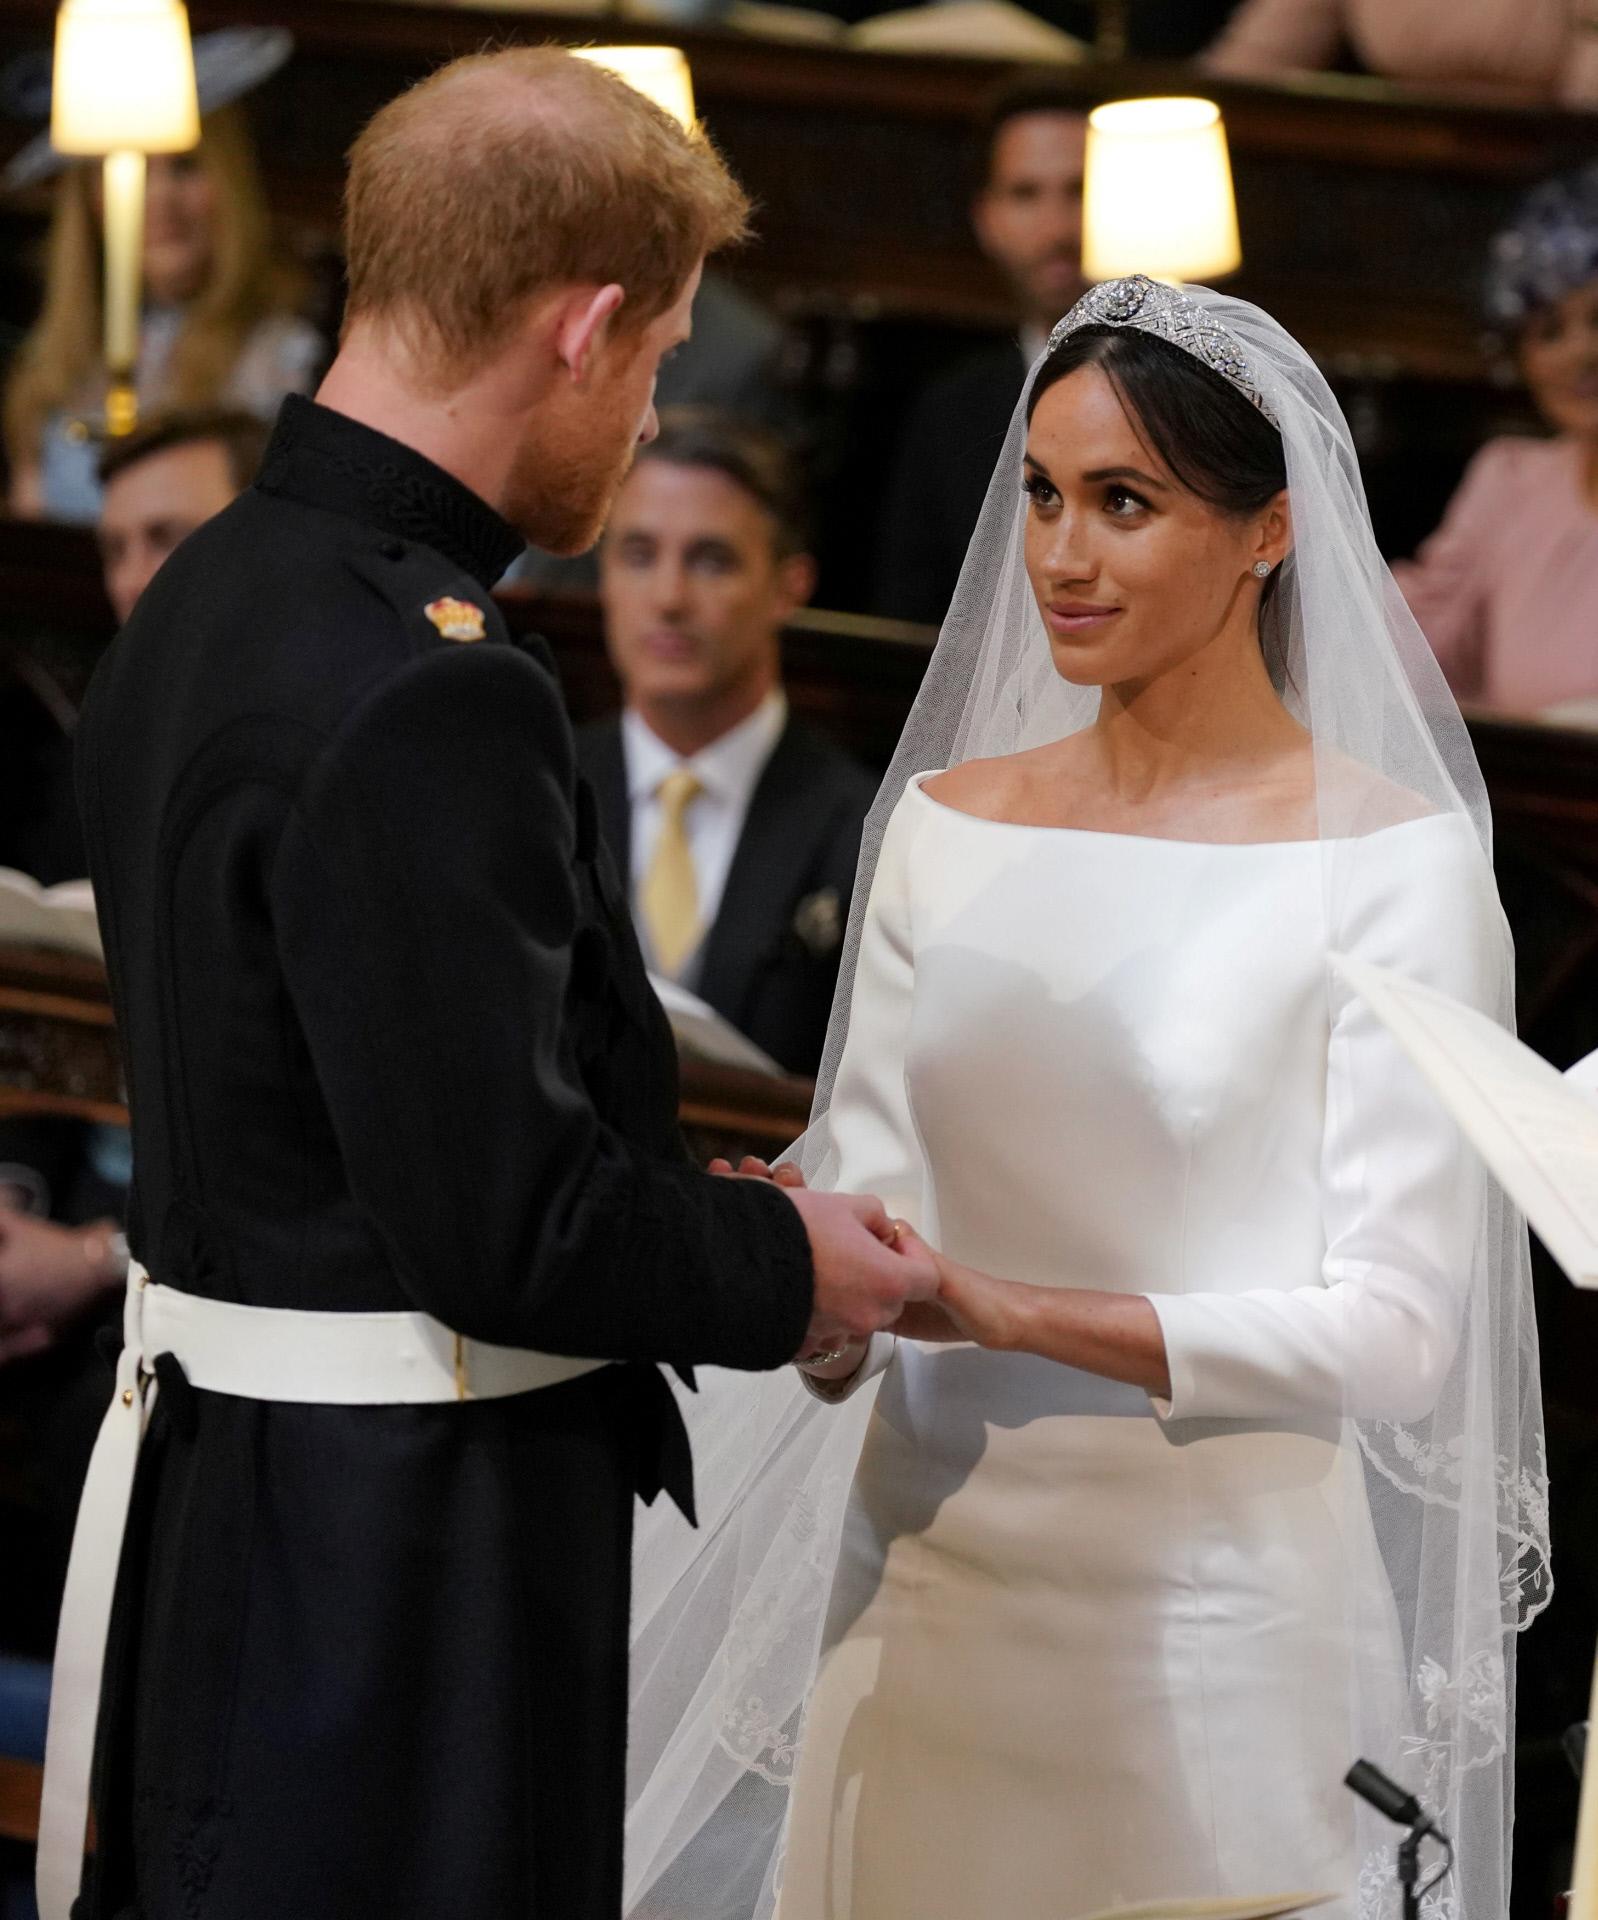 El príncipe Harry y Meghan Markle, el día de su boda oficial y legal.